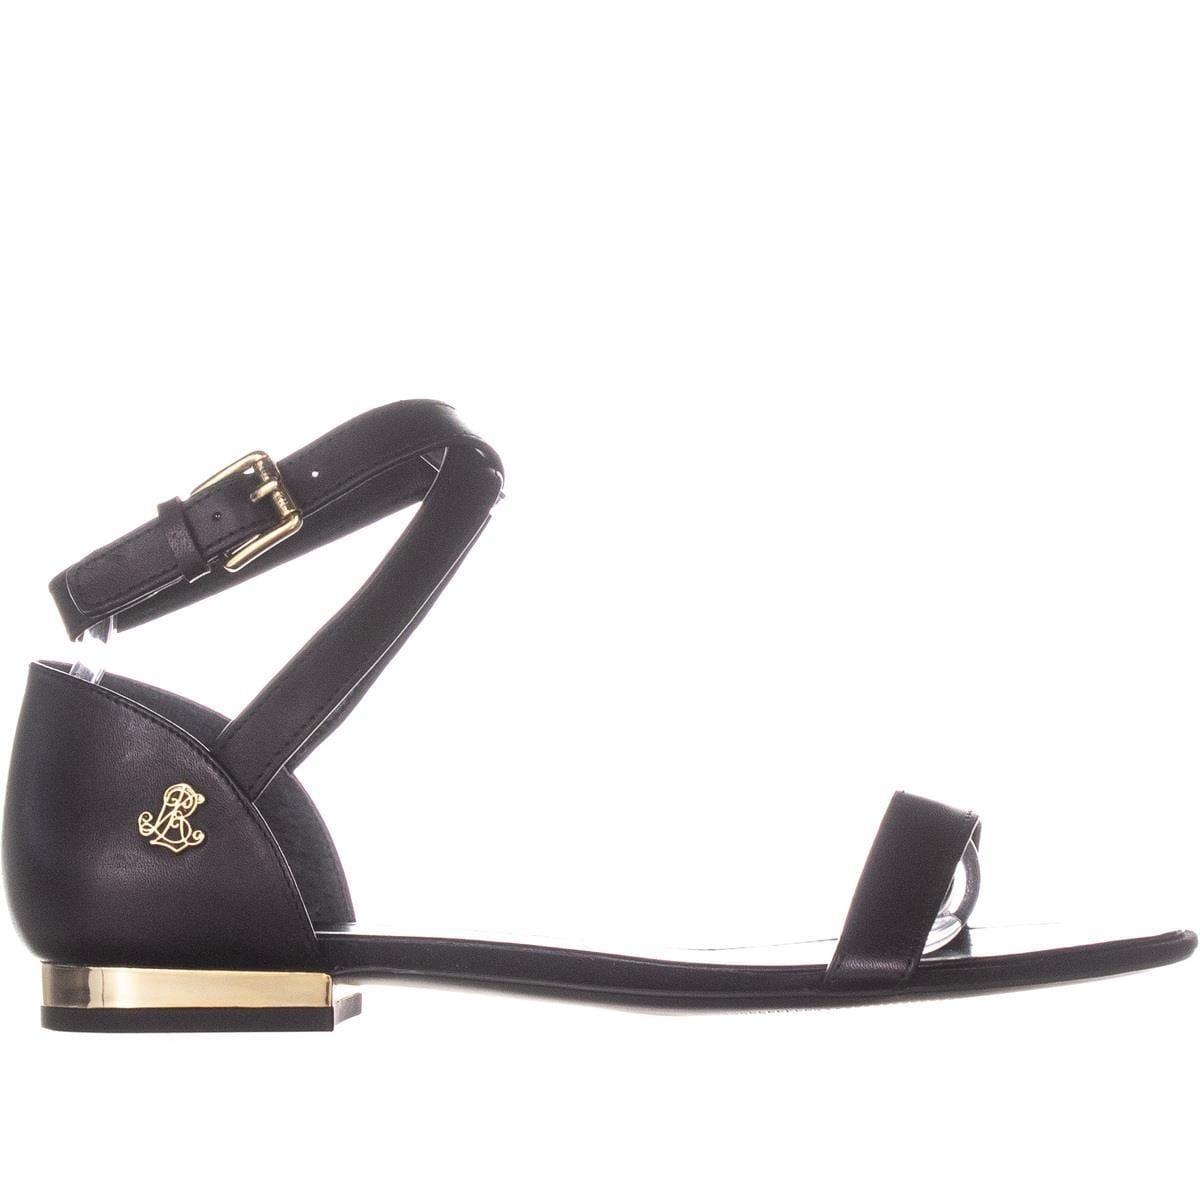 7180fc40bcd9 Shop Lauren Ralph Lauren Davison Ankle Strap Flat Sandals